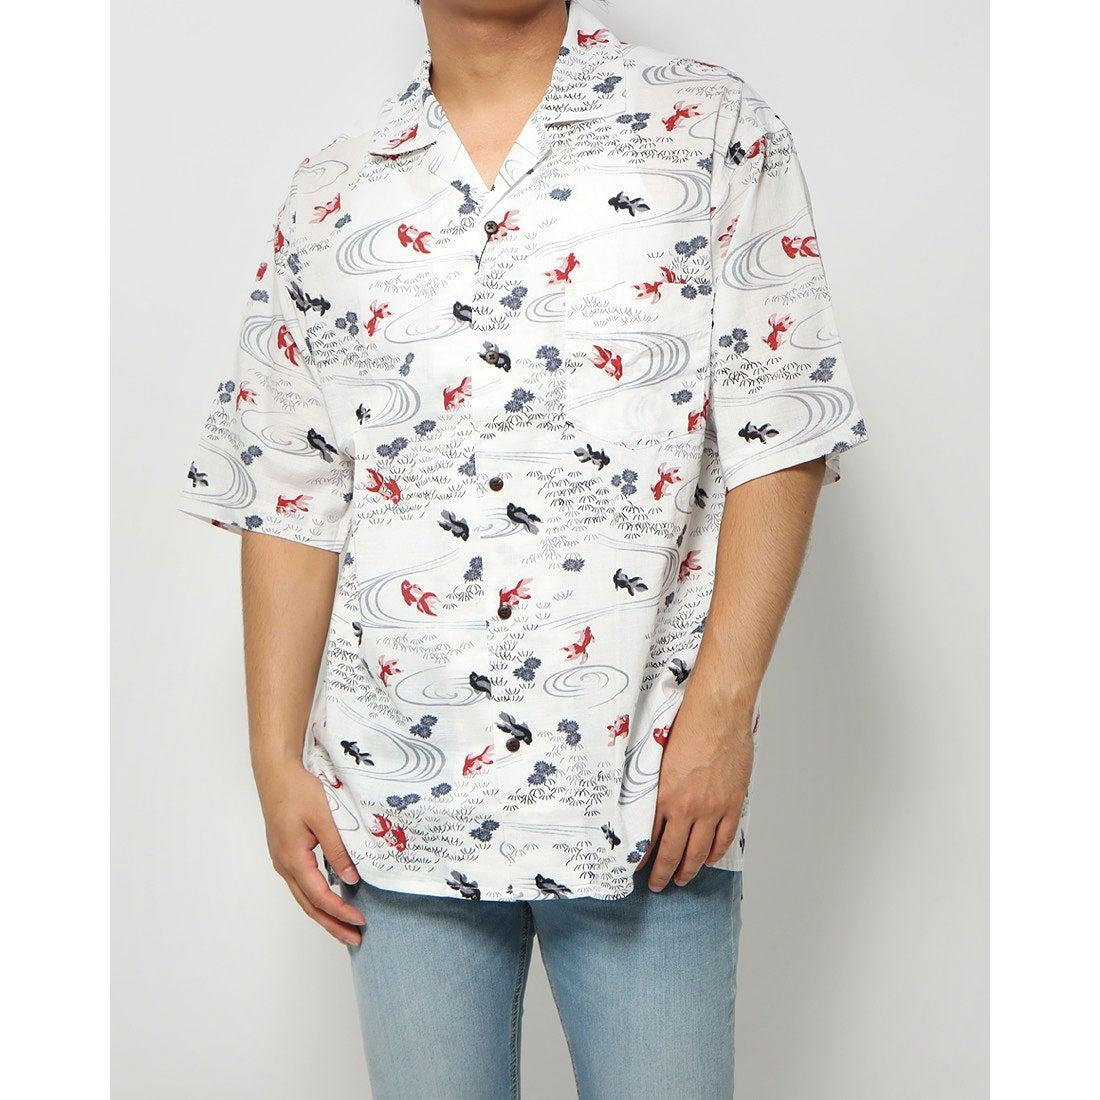 ロコンド 靴とファッションの通販サイトスタイルブロック STYLEBLOCK 総柄プリントオープンシャツ (和柄1(金魚))